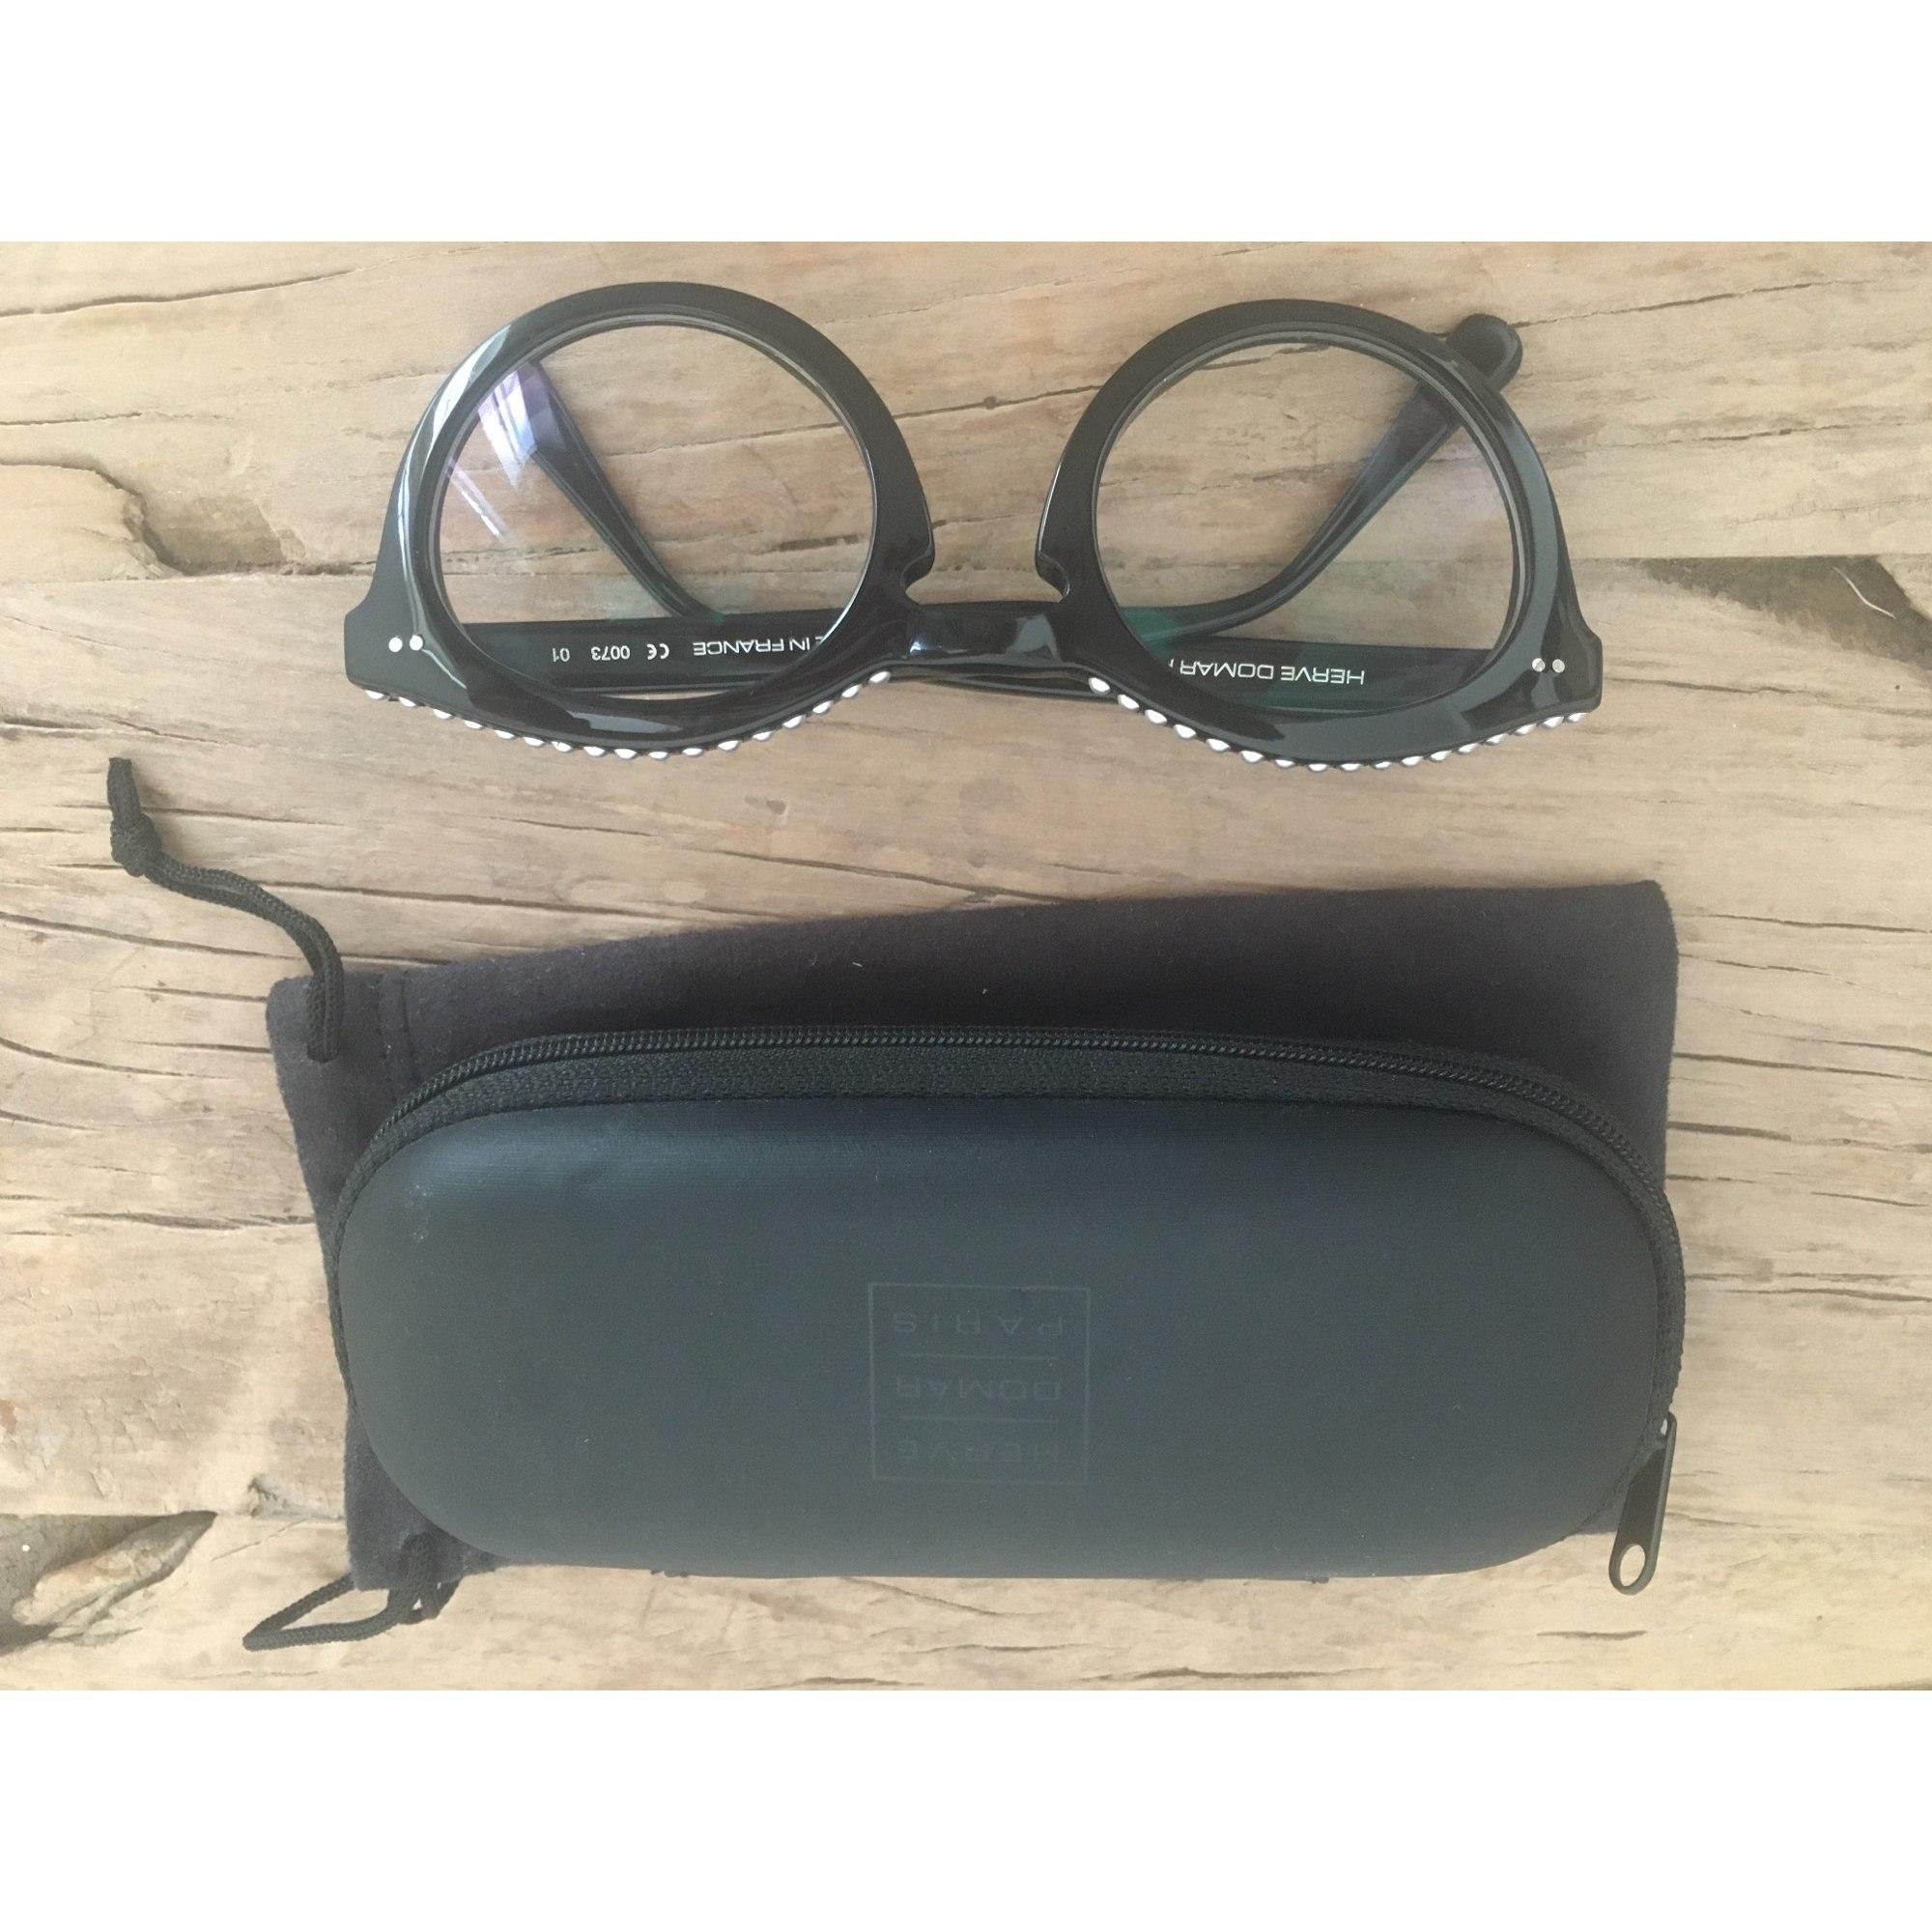 Monture de lunettes HERVE DOMAR Noir